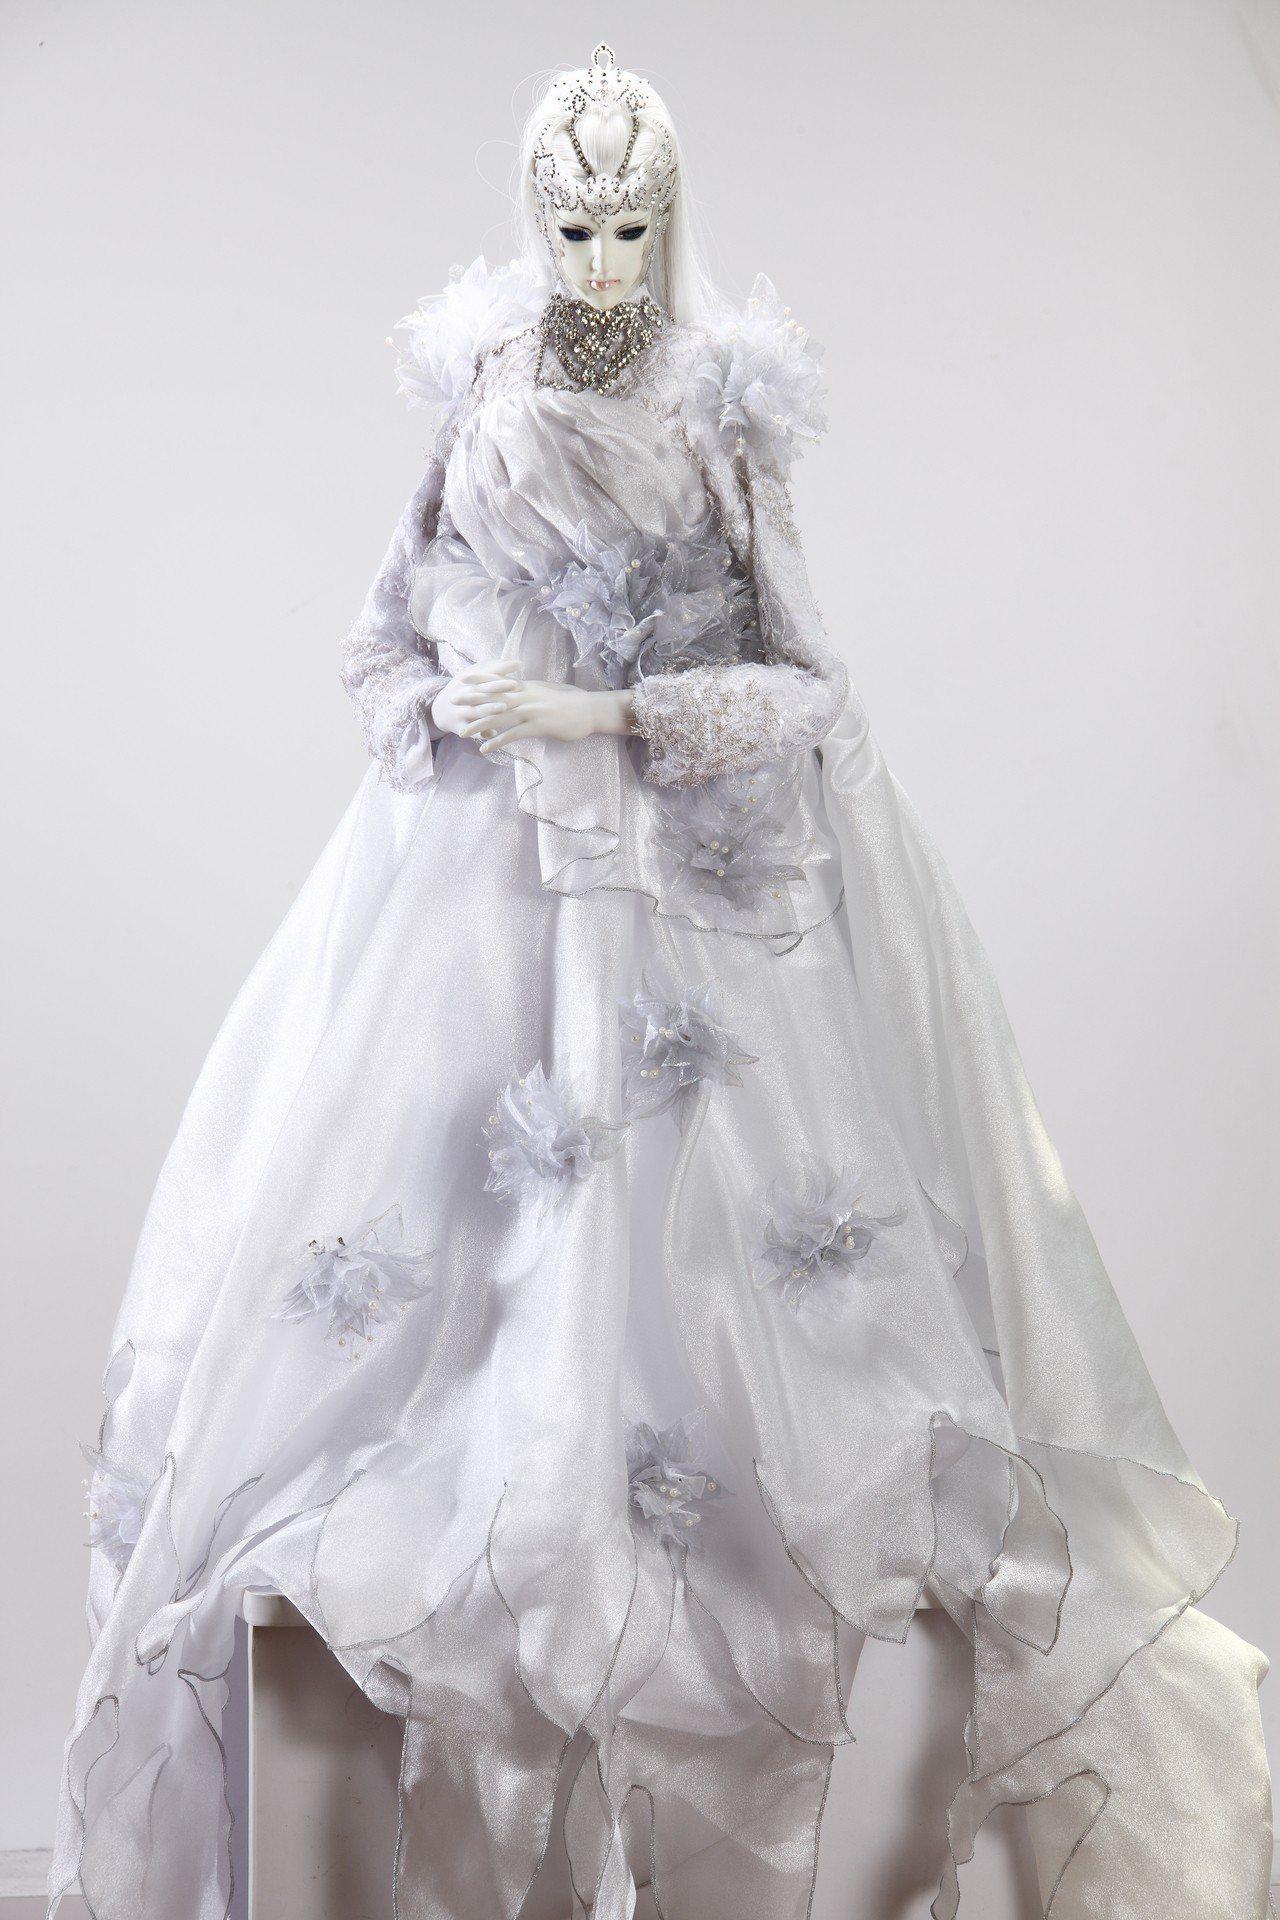 落入凡間的精靈─柯內莉亞,展出現代版的偶衣。圖/嚴仁鴻提供